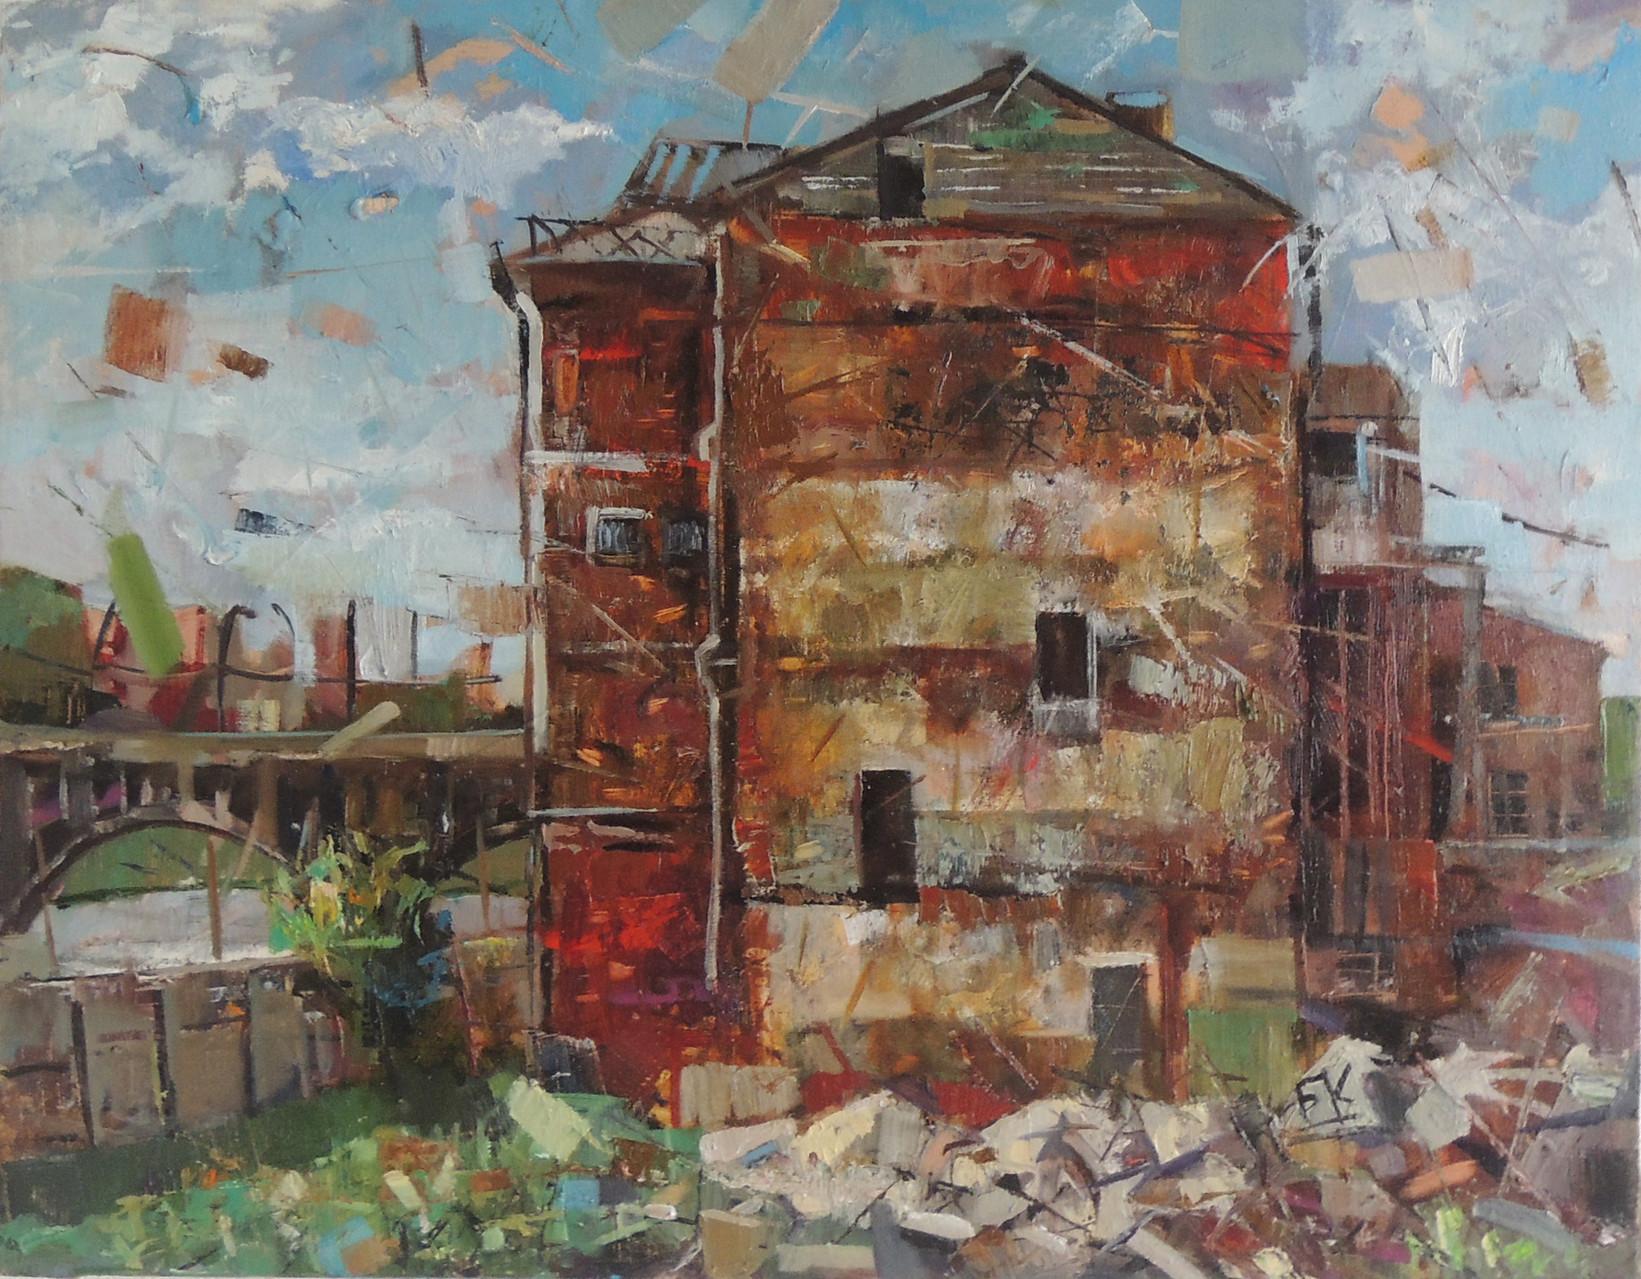 Развалины мукомольного завода.       Холст, масло.   62х80 см.